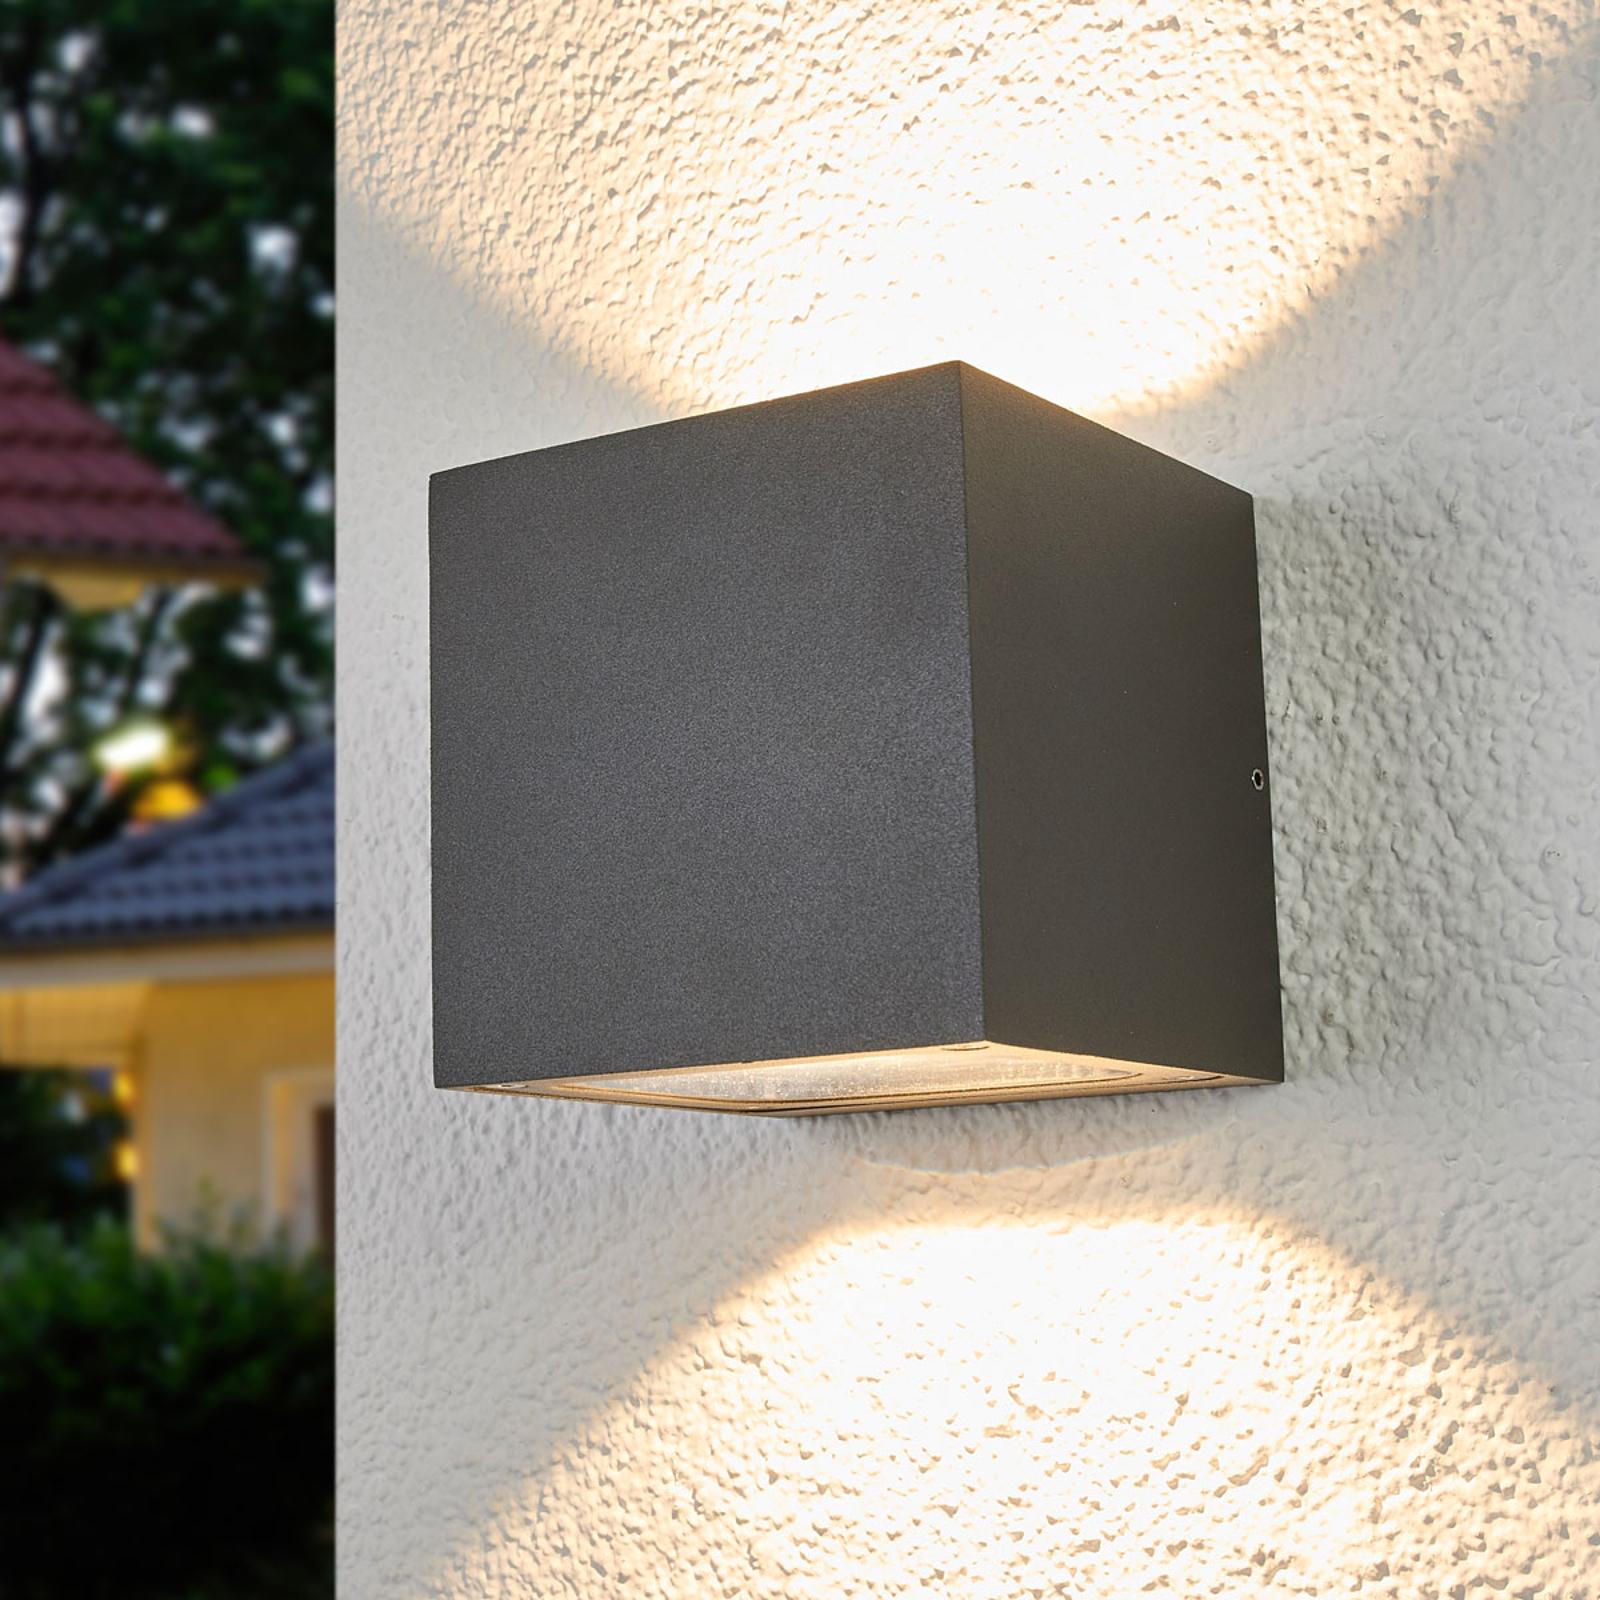 Klartlysende LED udendørs væglampe Merjem